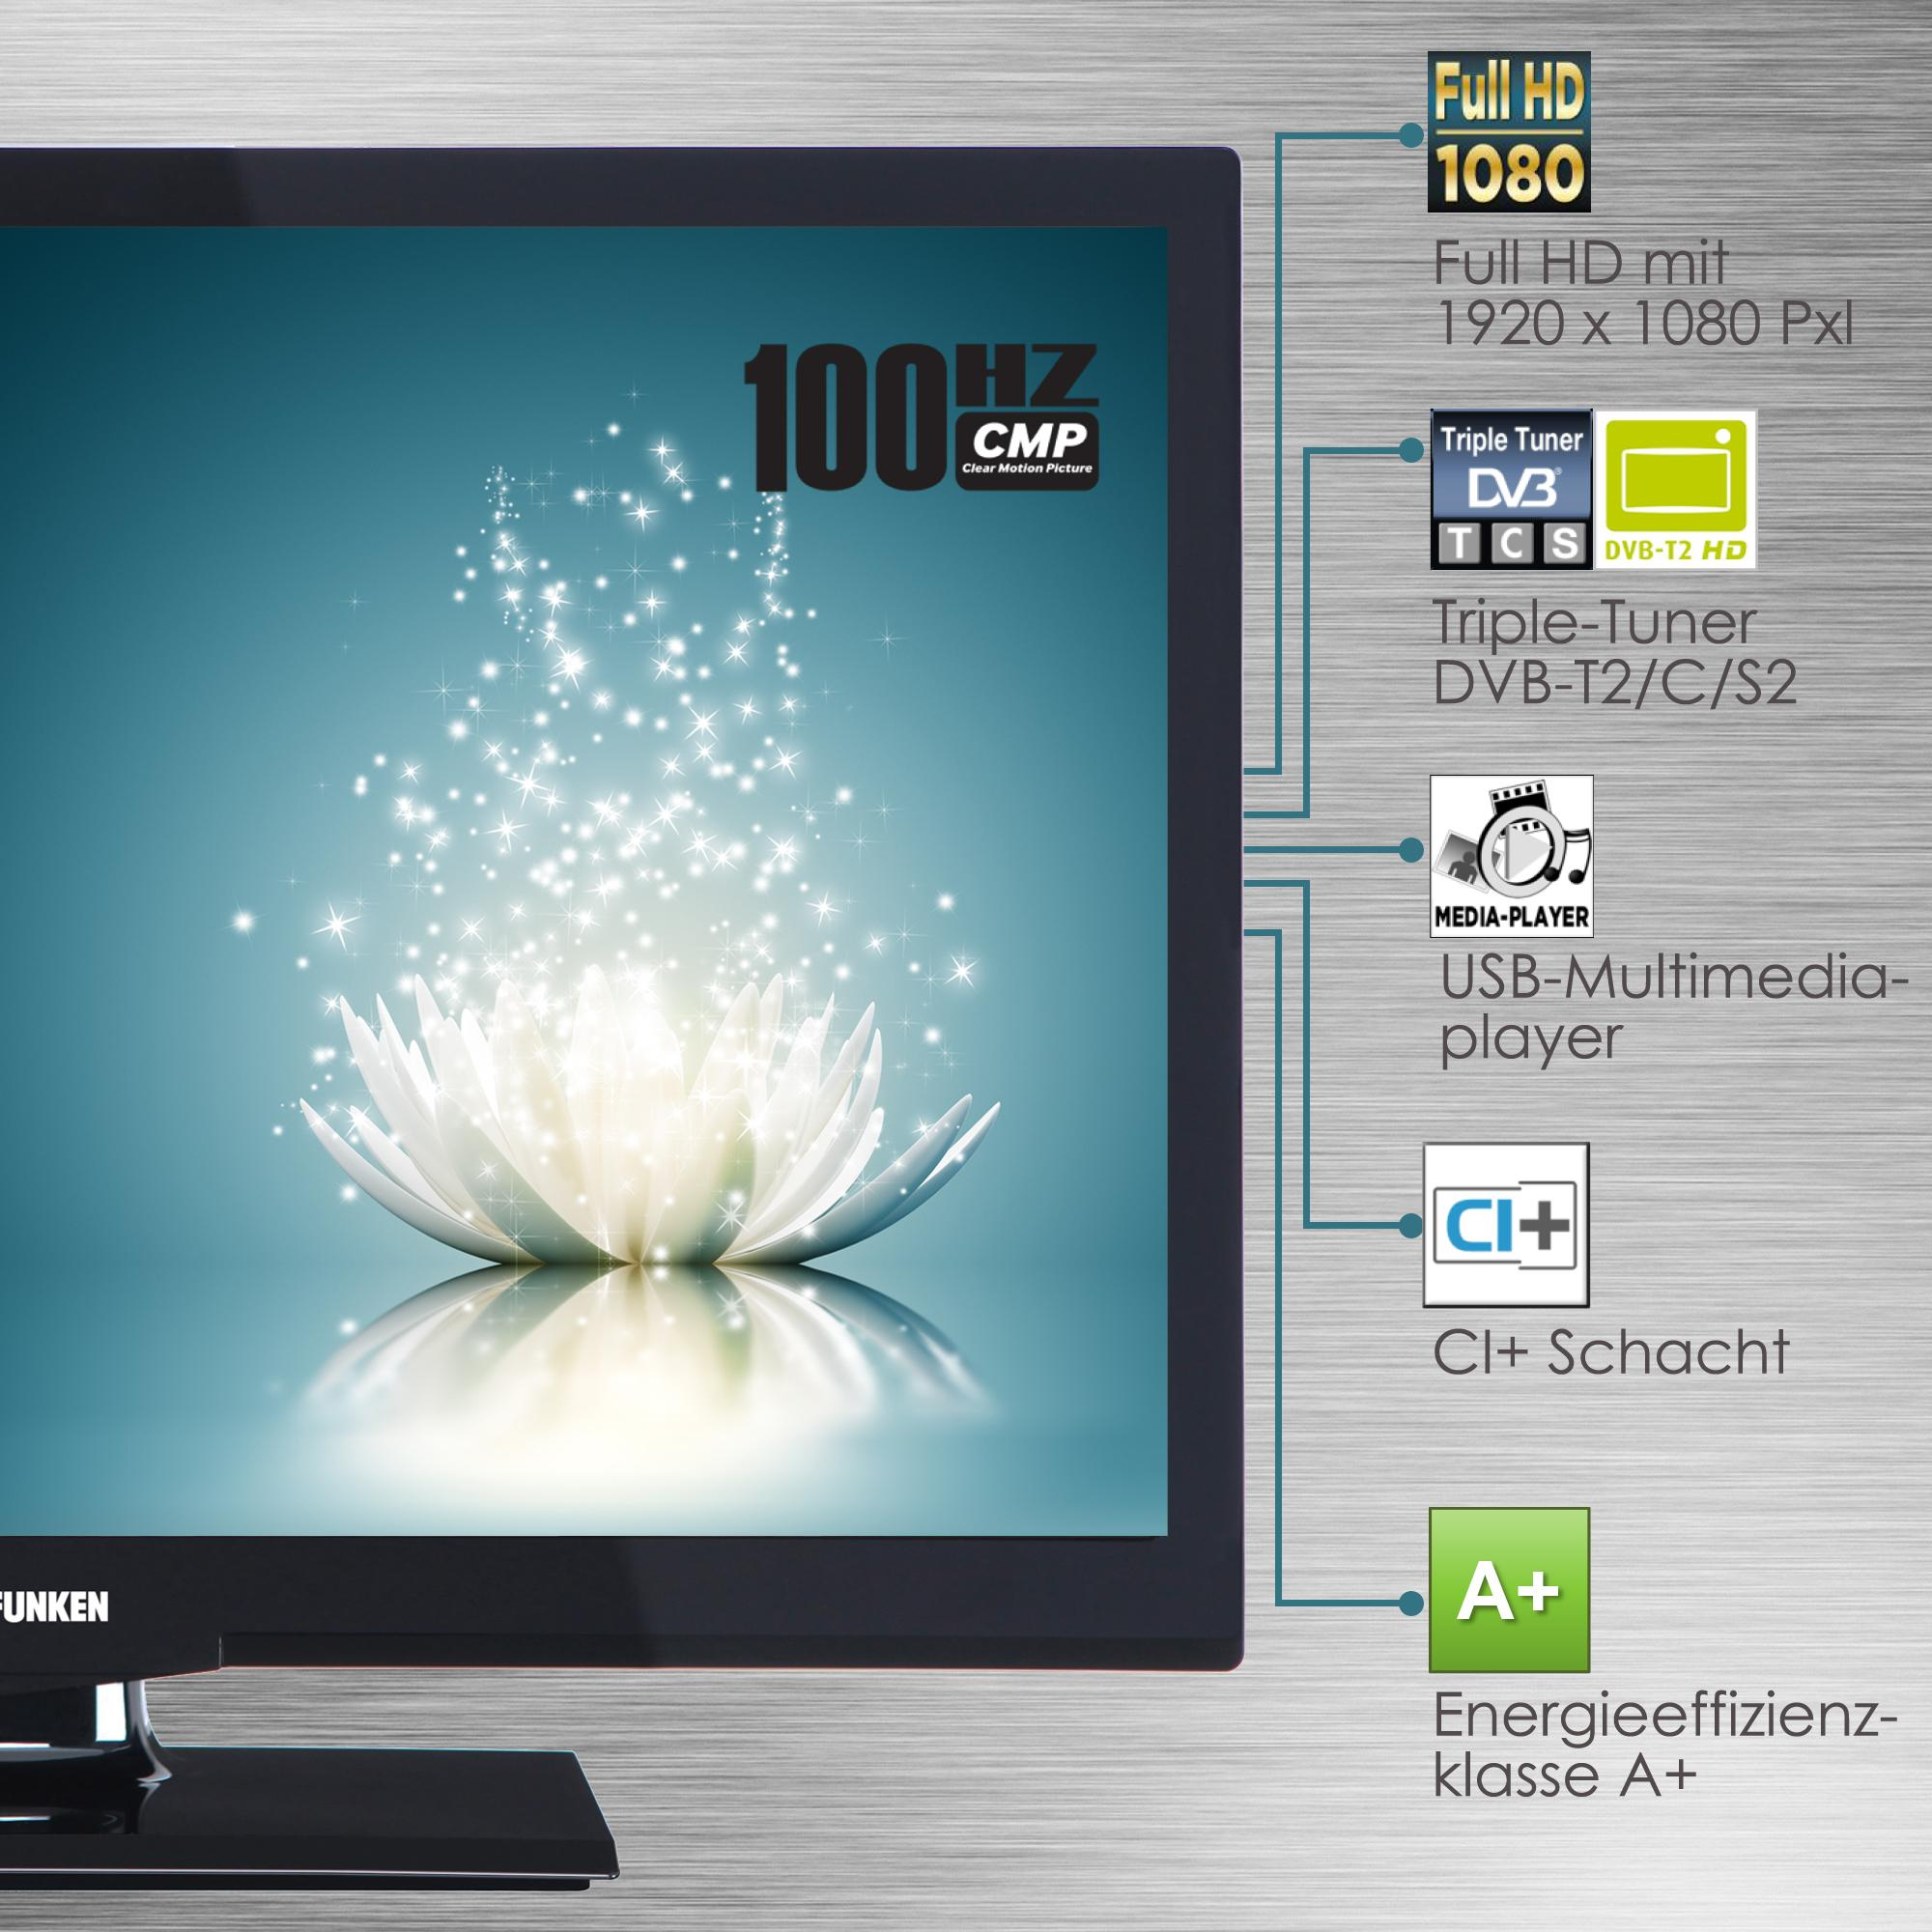 Telefunken XF22A101 56 cm (22 Zoll) Fernseher (Full HD